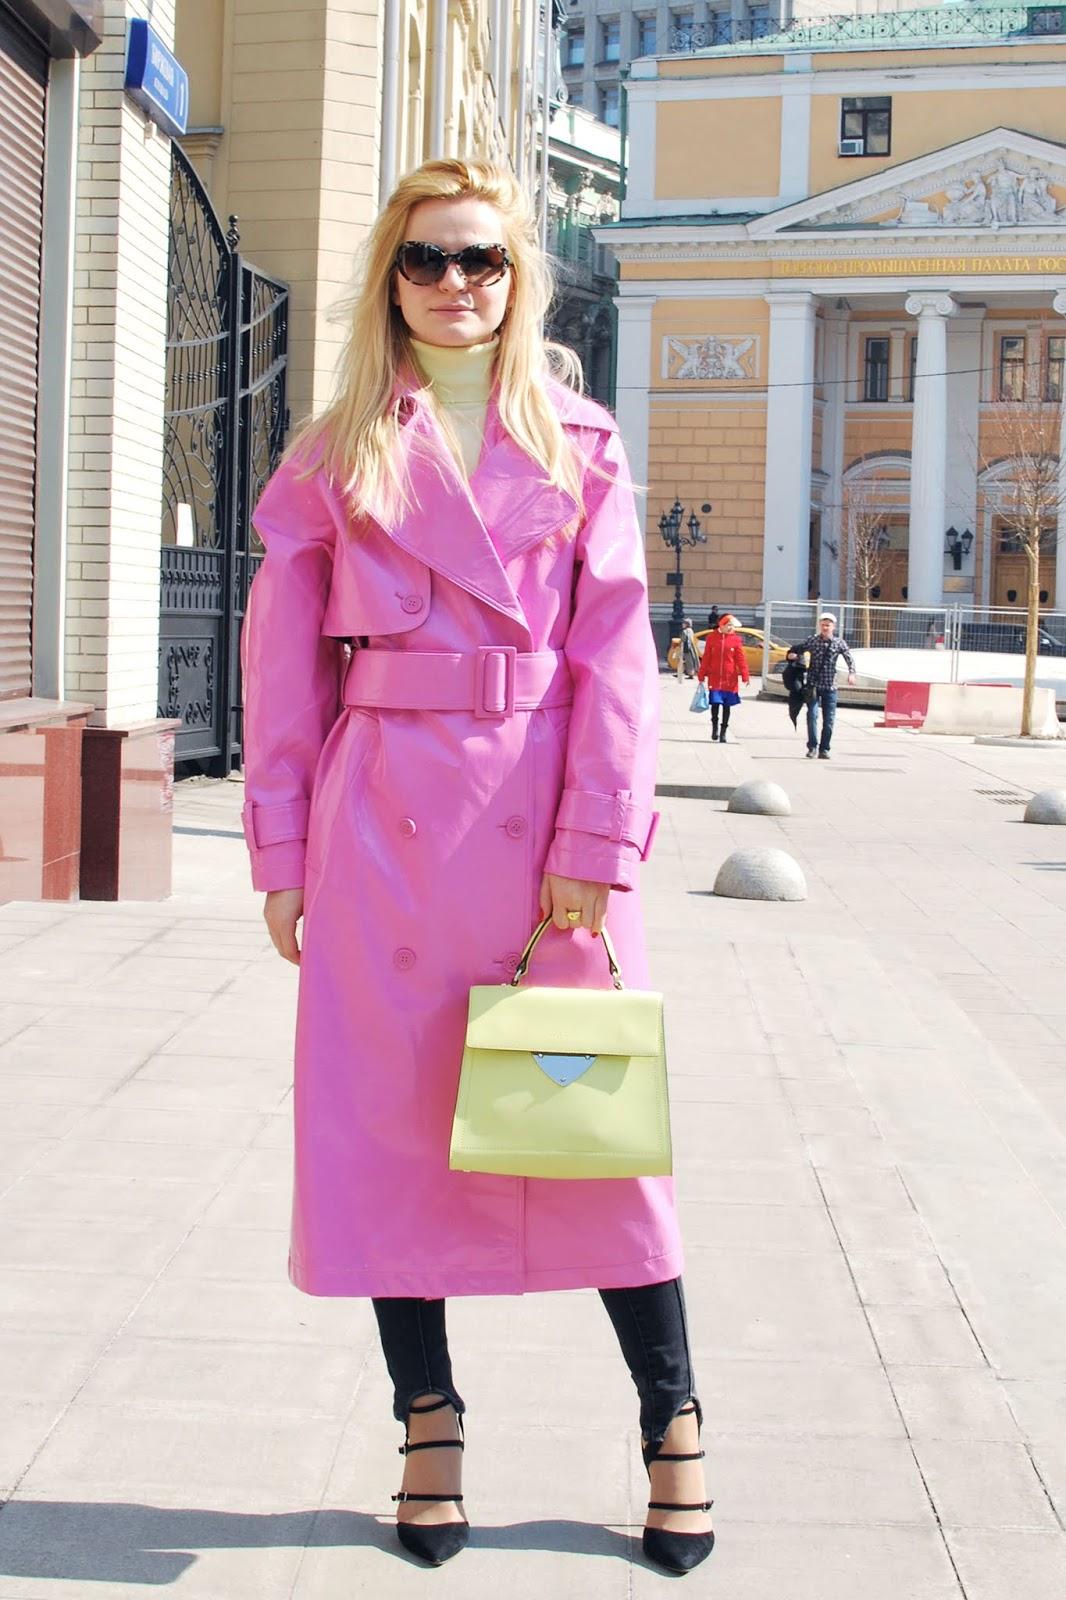 розовый виниловый плащ и сумка трапеция coccinelle